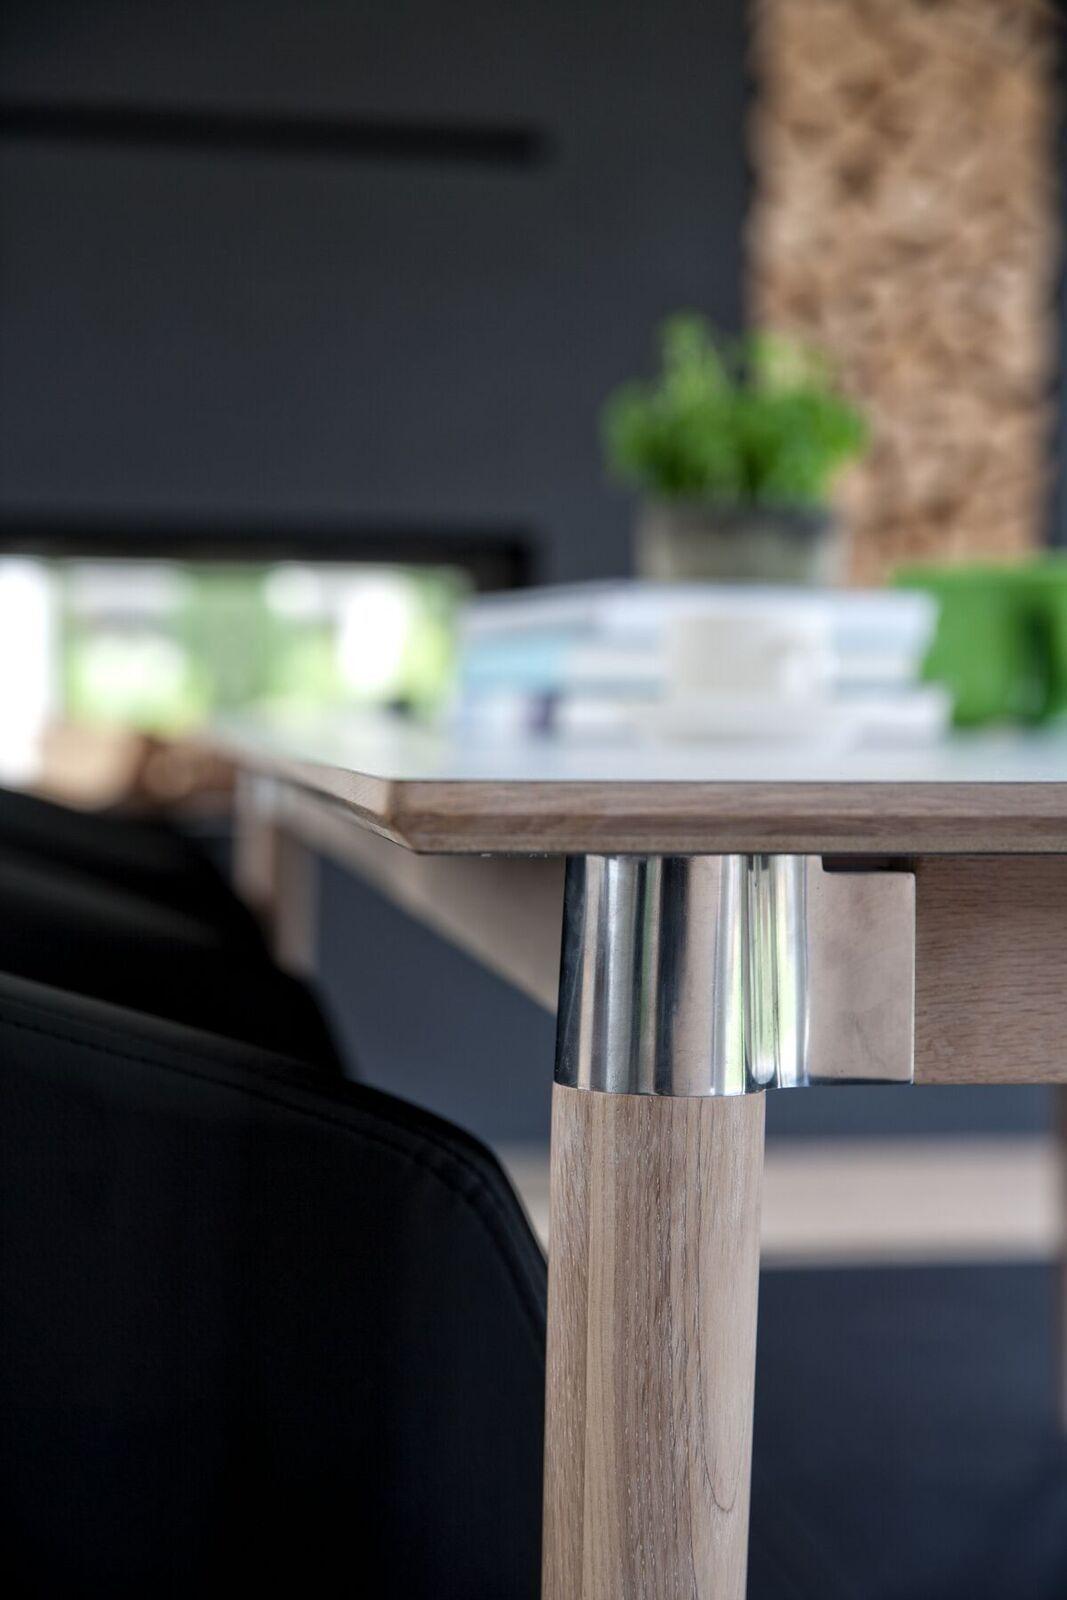 acky_verlengbare_tafel_4_personen_zes_personen_8_personen_6.jpg